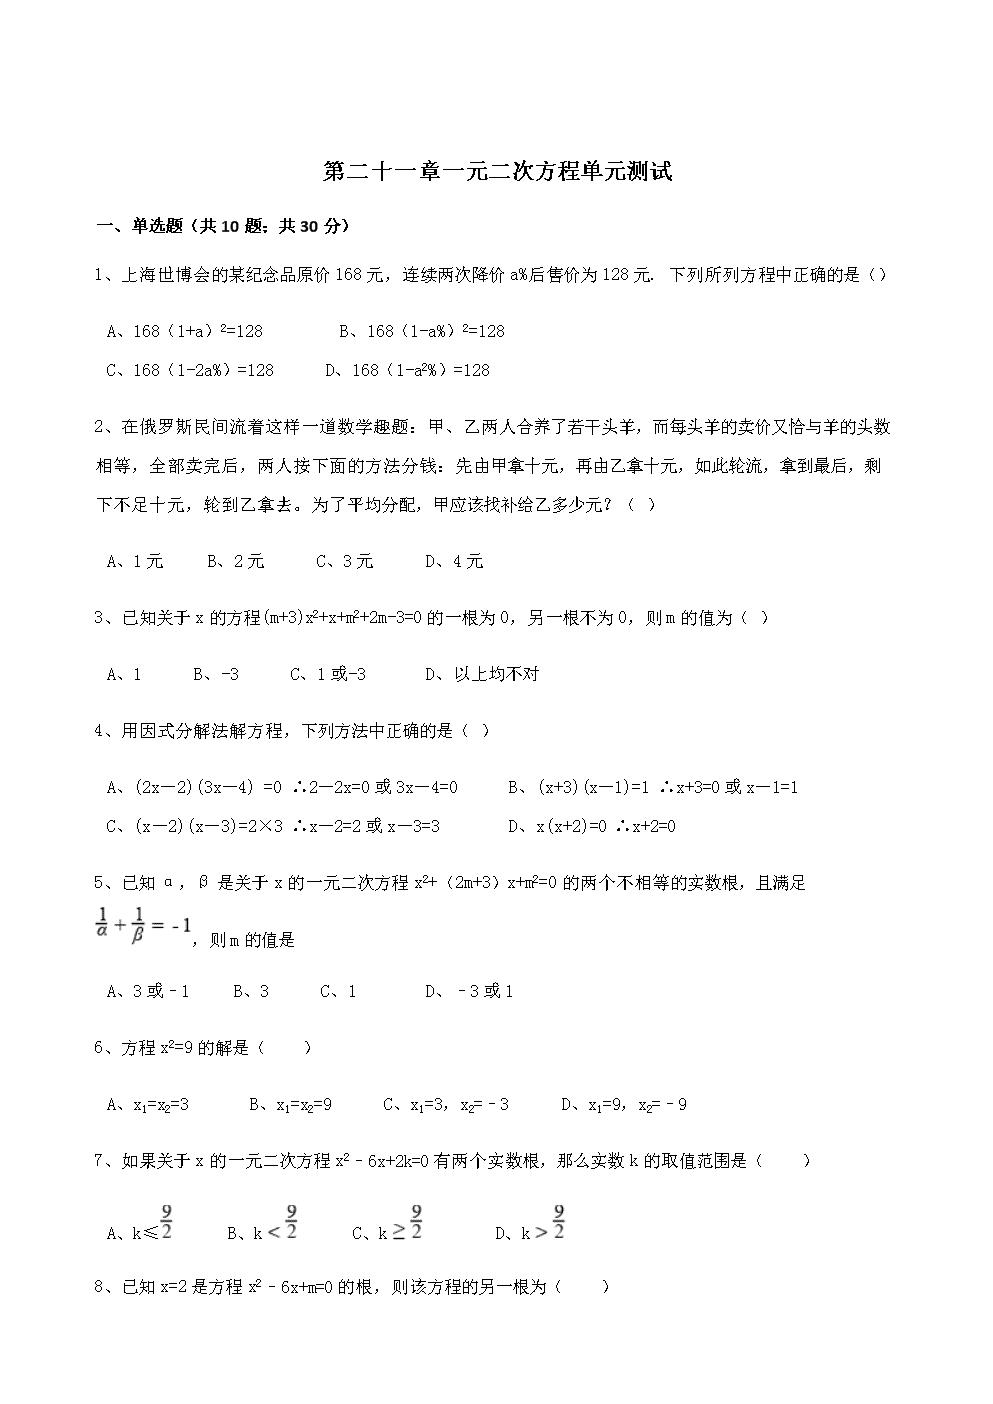 2018人教版九级数学上第二十一章一元二次方程单元测试含答案.doc